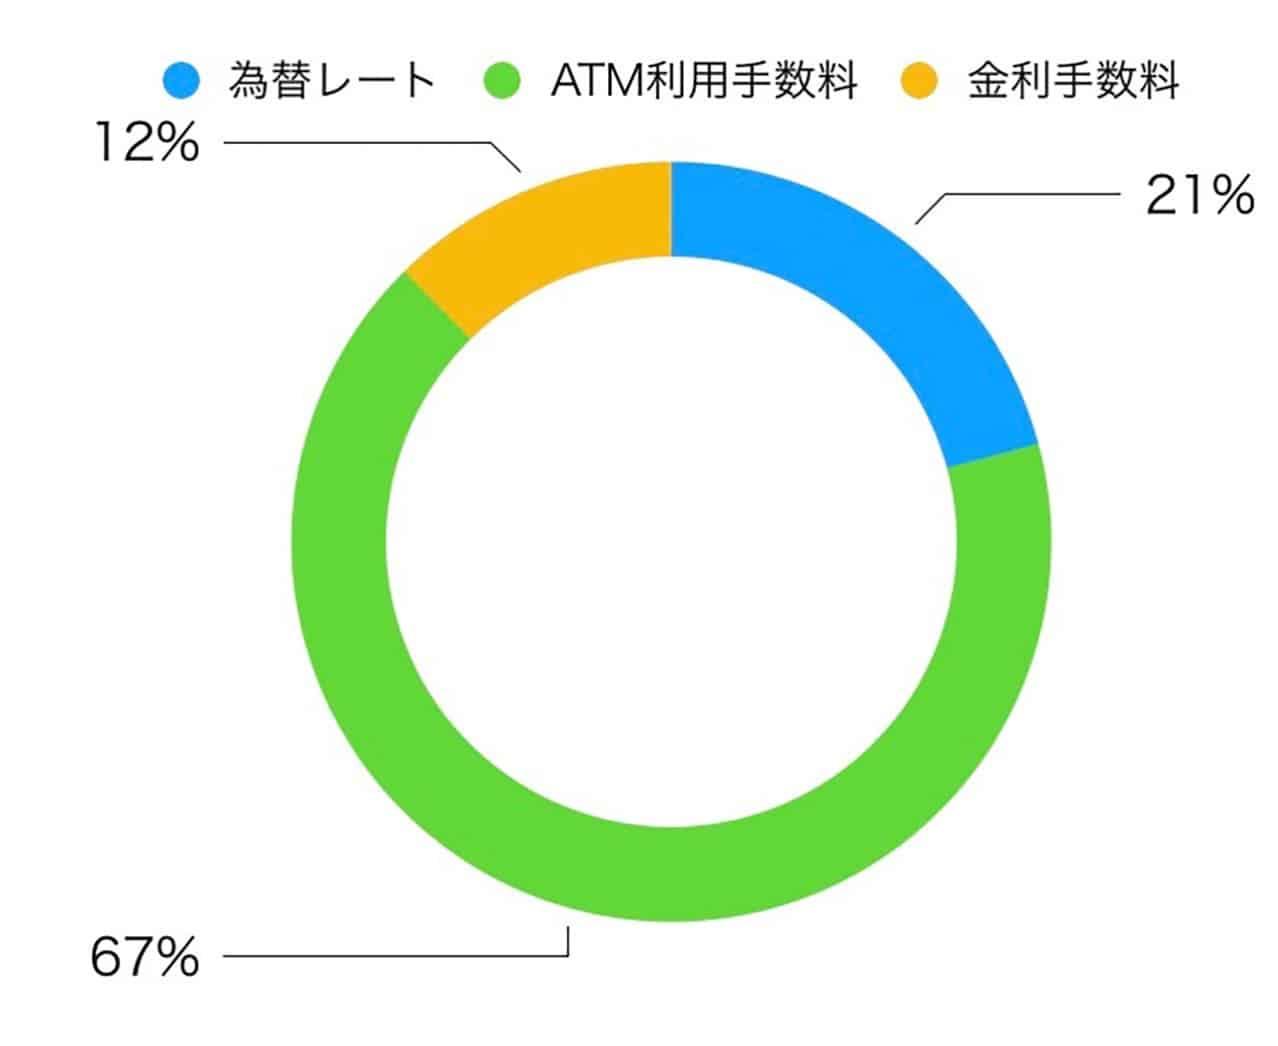 海外ATM利用手数料の割合